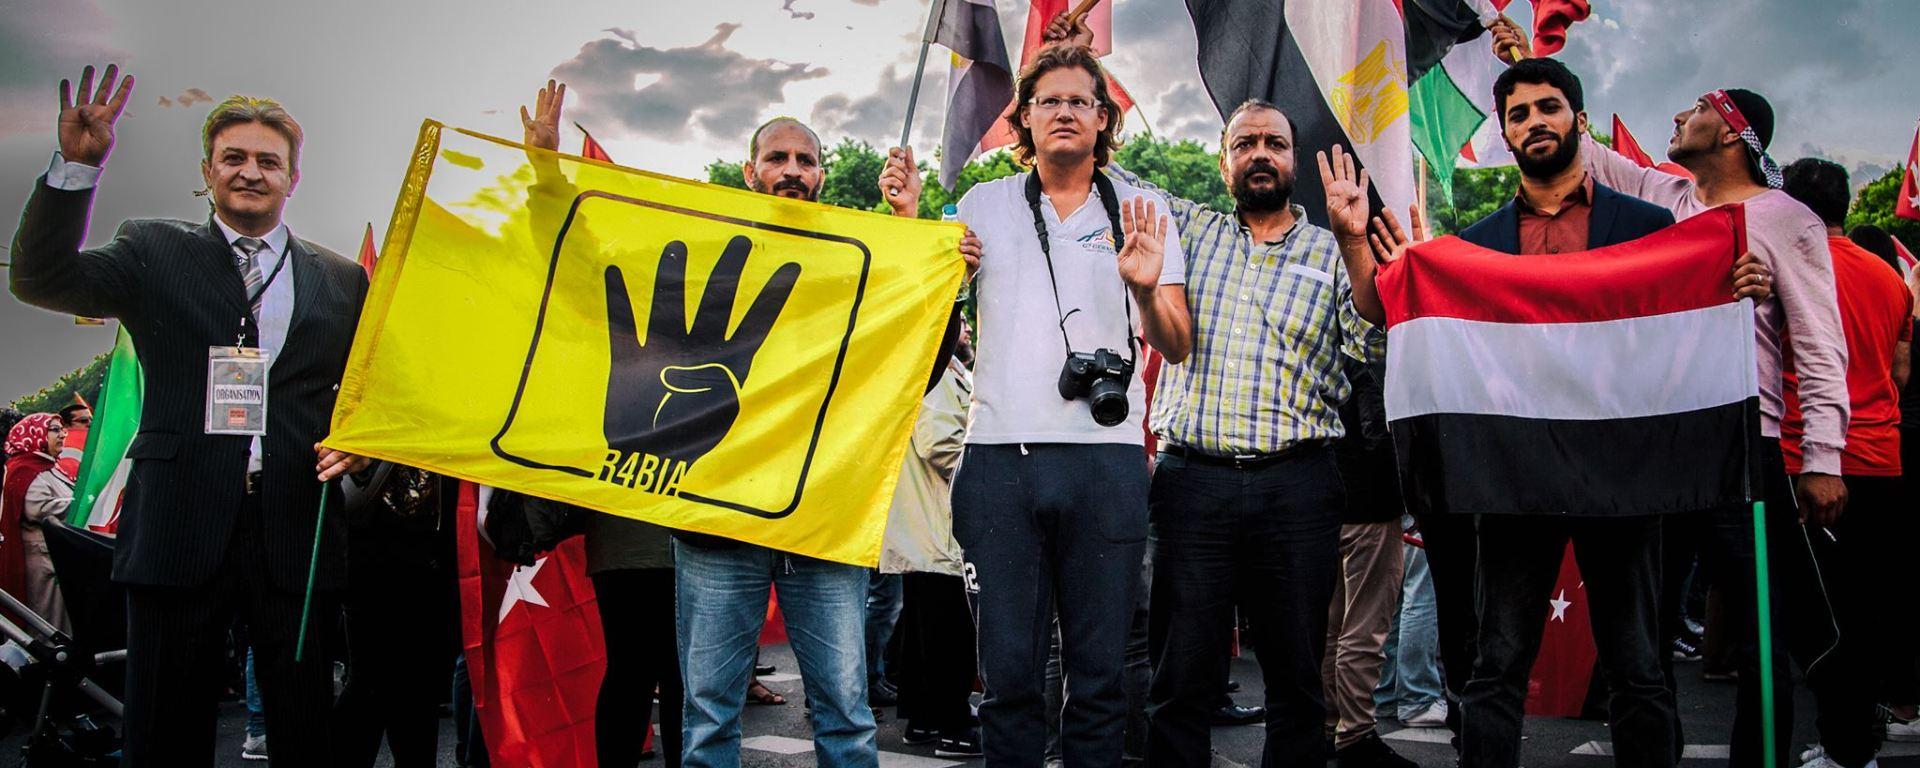 Martin Lejeune auf der Großkundgebung gegen die Bundestagsresolution, die den türkischen Genozid an den Armeniern thematisiert. Dort präsentierte er sich mit einer r4bia Flagge der ägyptischen Muslimbruderschaft, die der Terrororganisation Hamas nahesteht